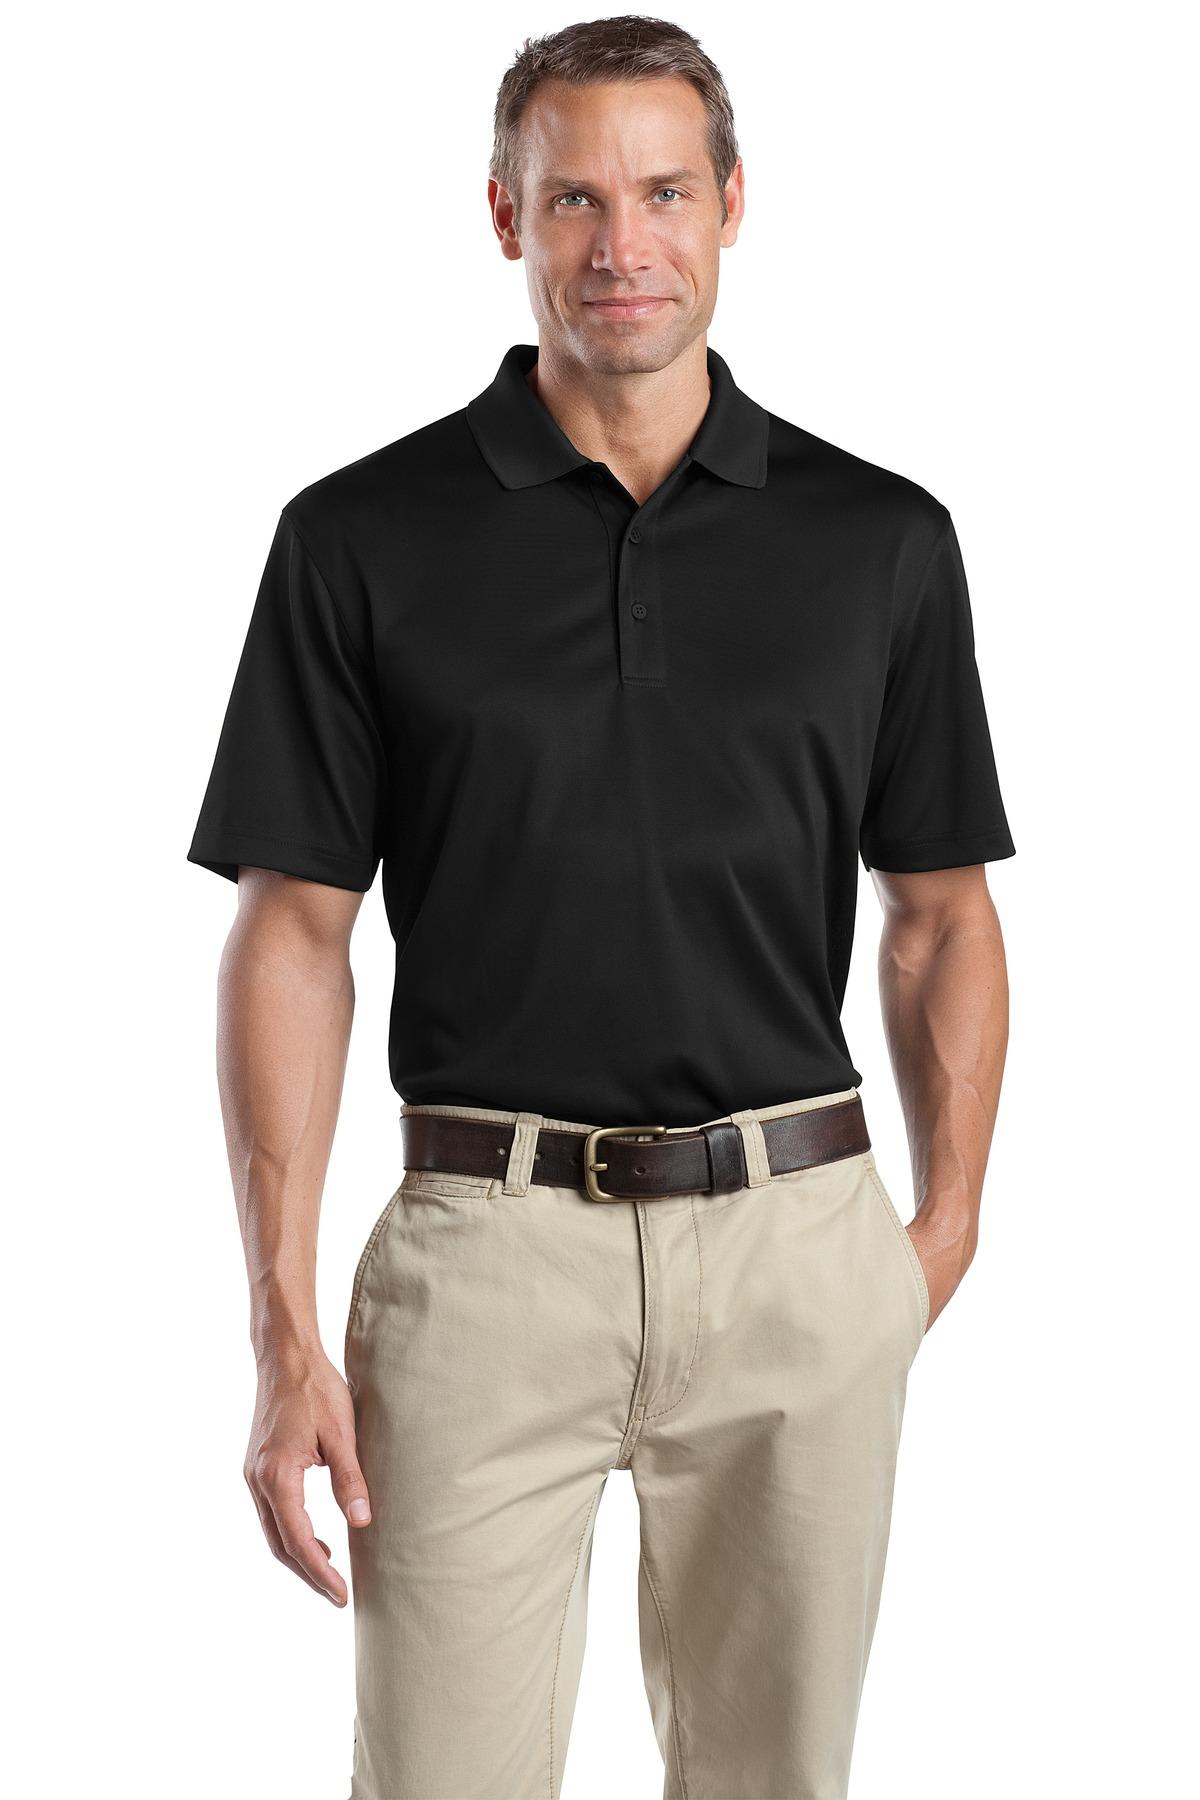 CornerStone® - Select Snag-Proof Polo.-CornerStone